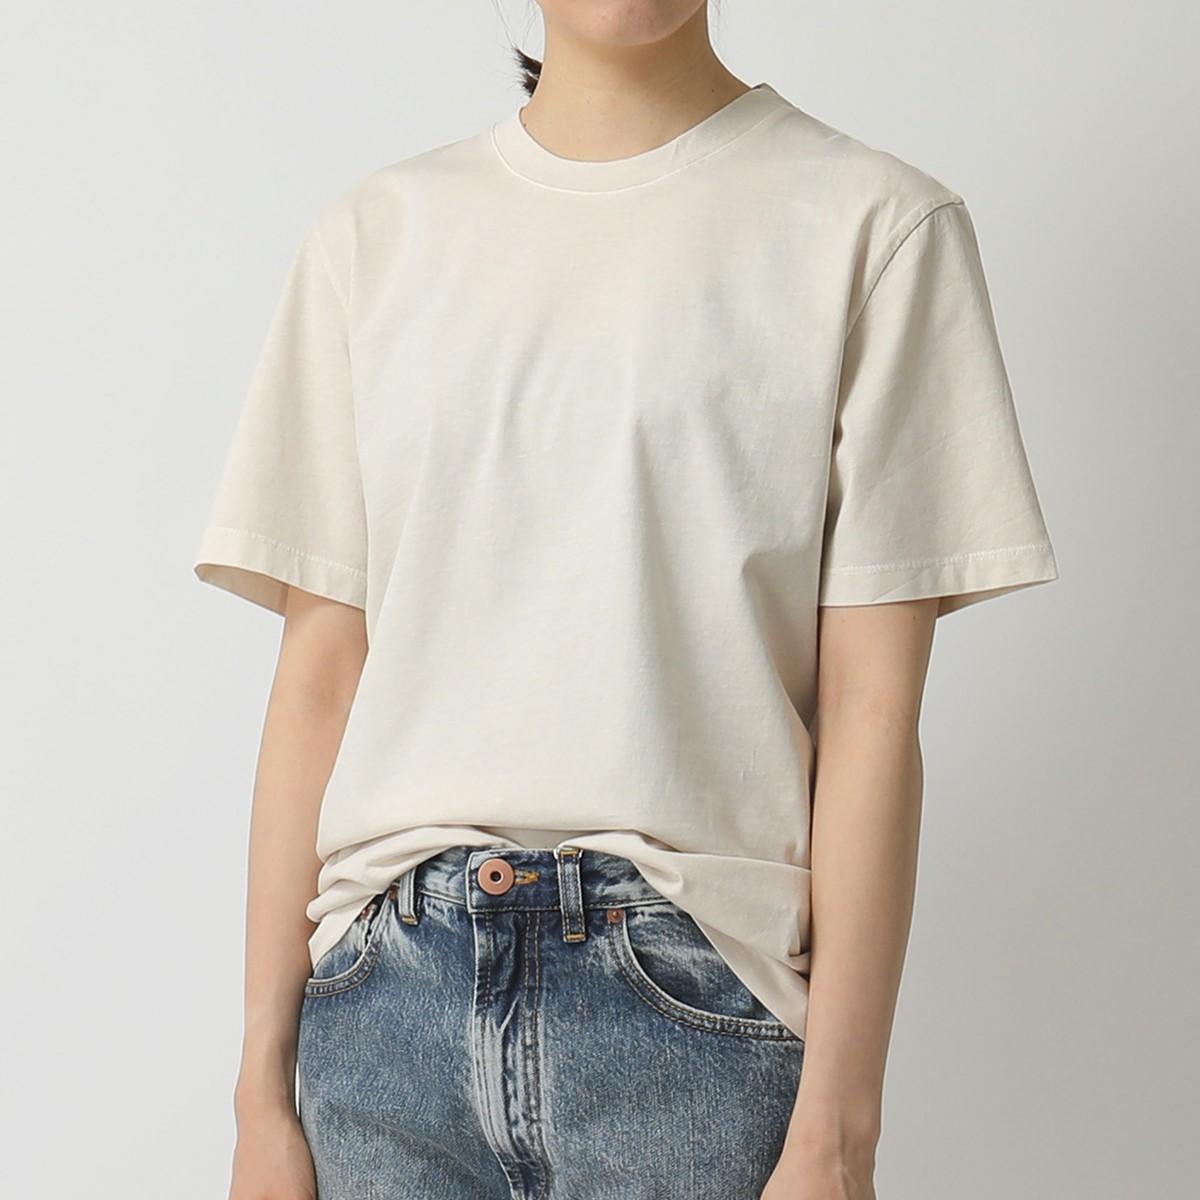 MAISON MARGIELA メゾンマルジェラ 10 S50GC0608 S23616【1枚単品】 Stereotype クルーネック 半袖 Tシャツ カットソー 962/アイボリー レディース